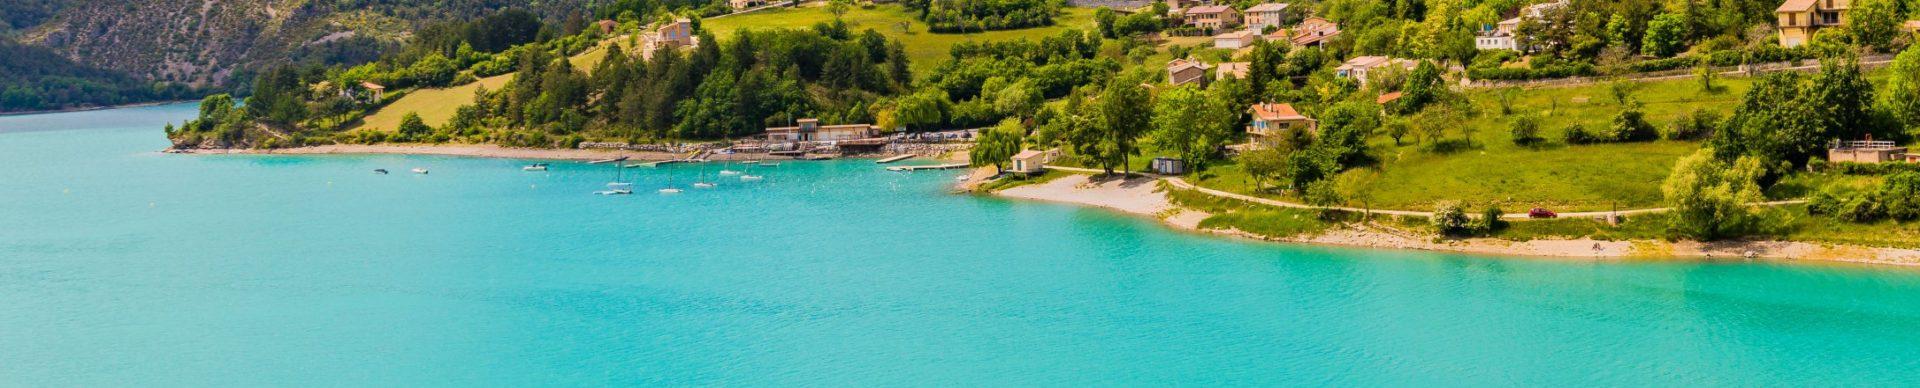 I laghi del Verdon : laghi di Castillon ©T. Verneuil